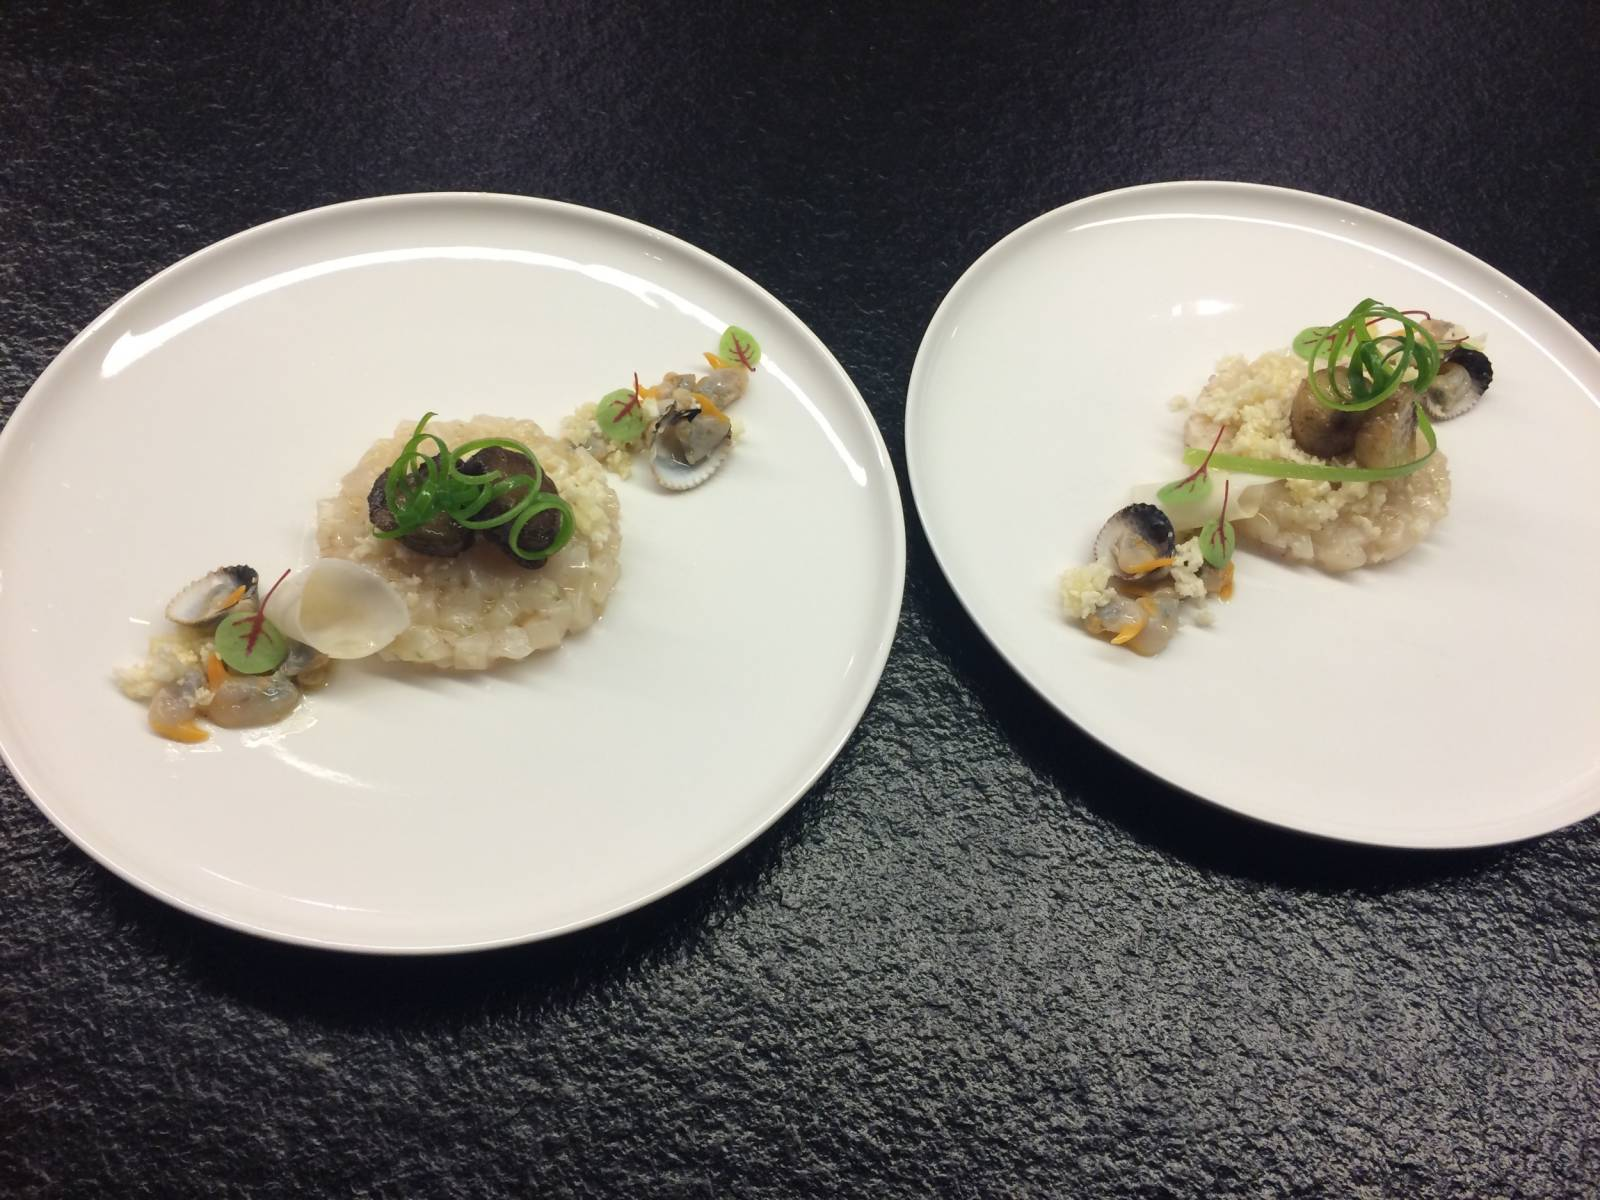 Very Food - 2 - House of Weddings -12